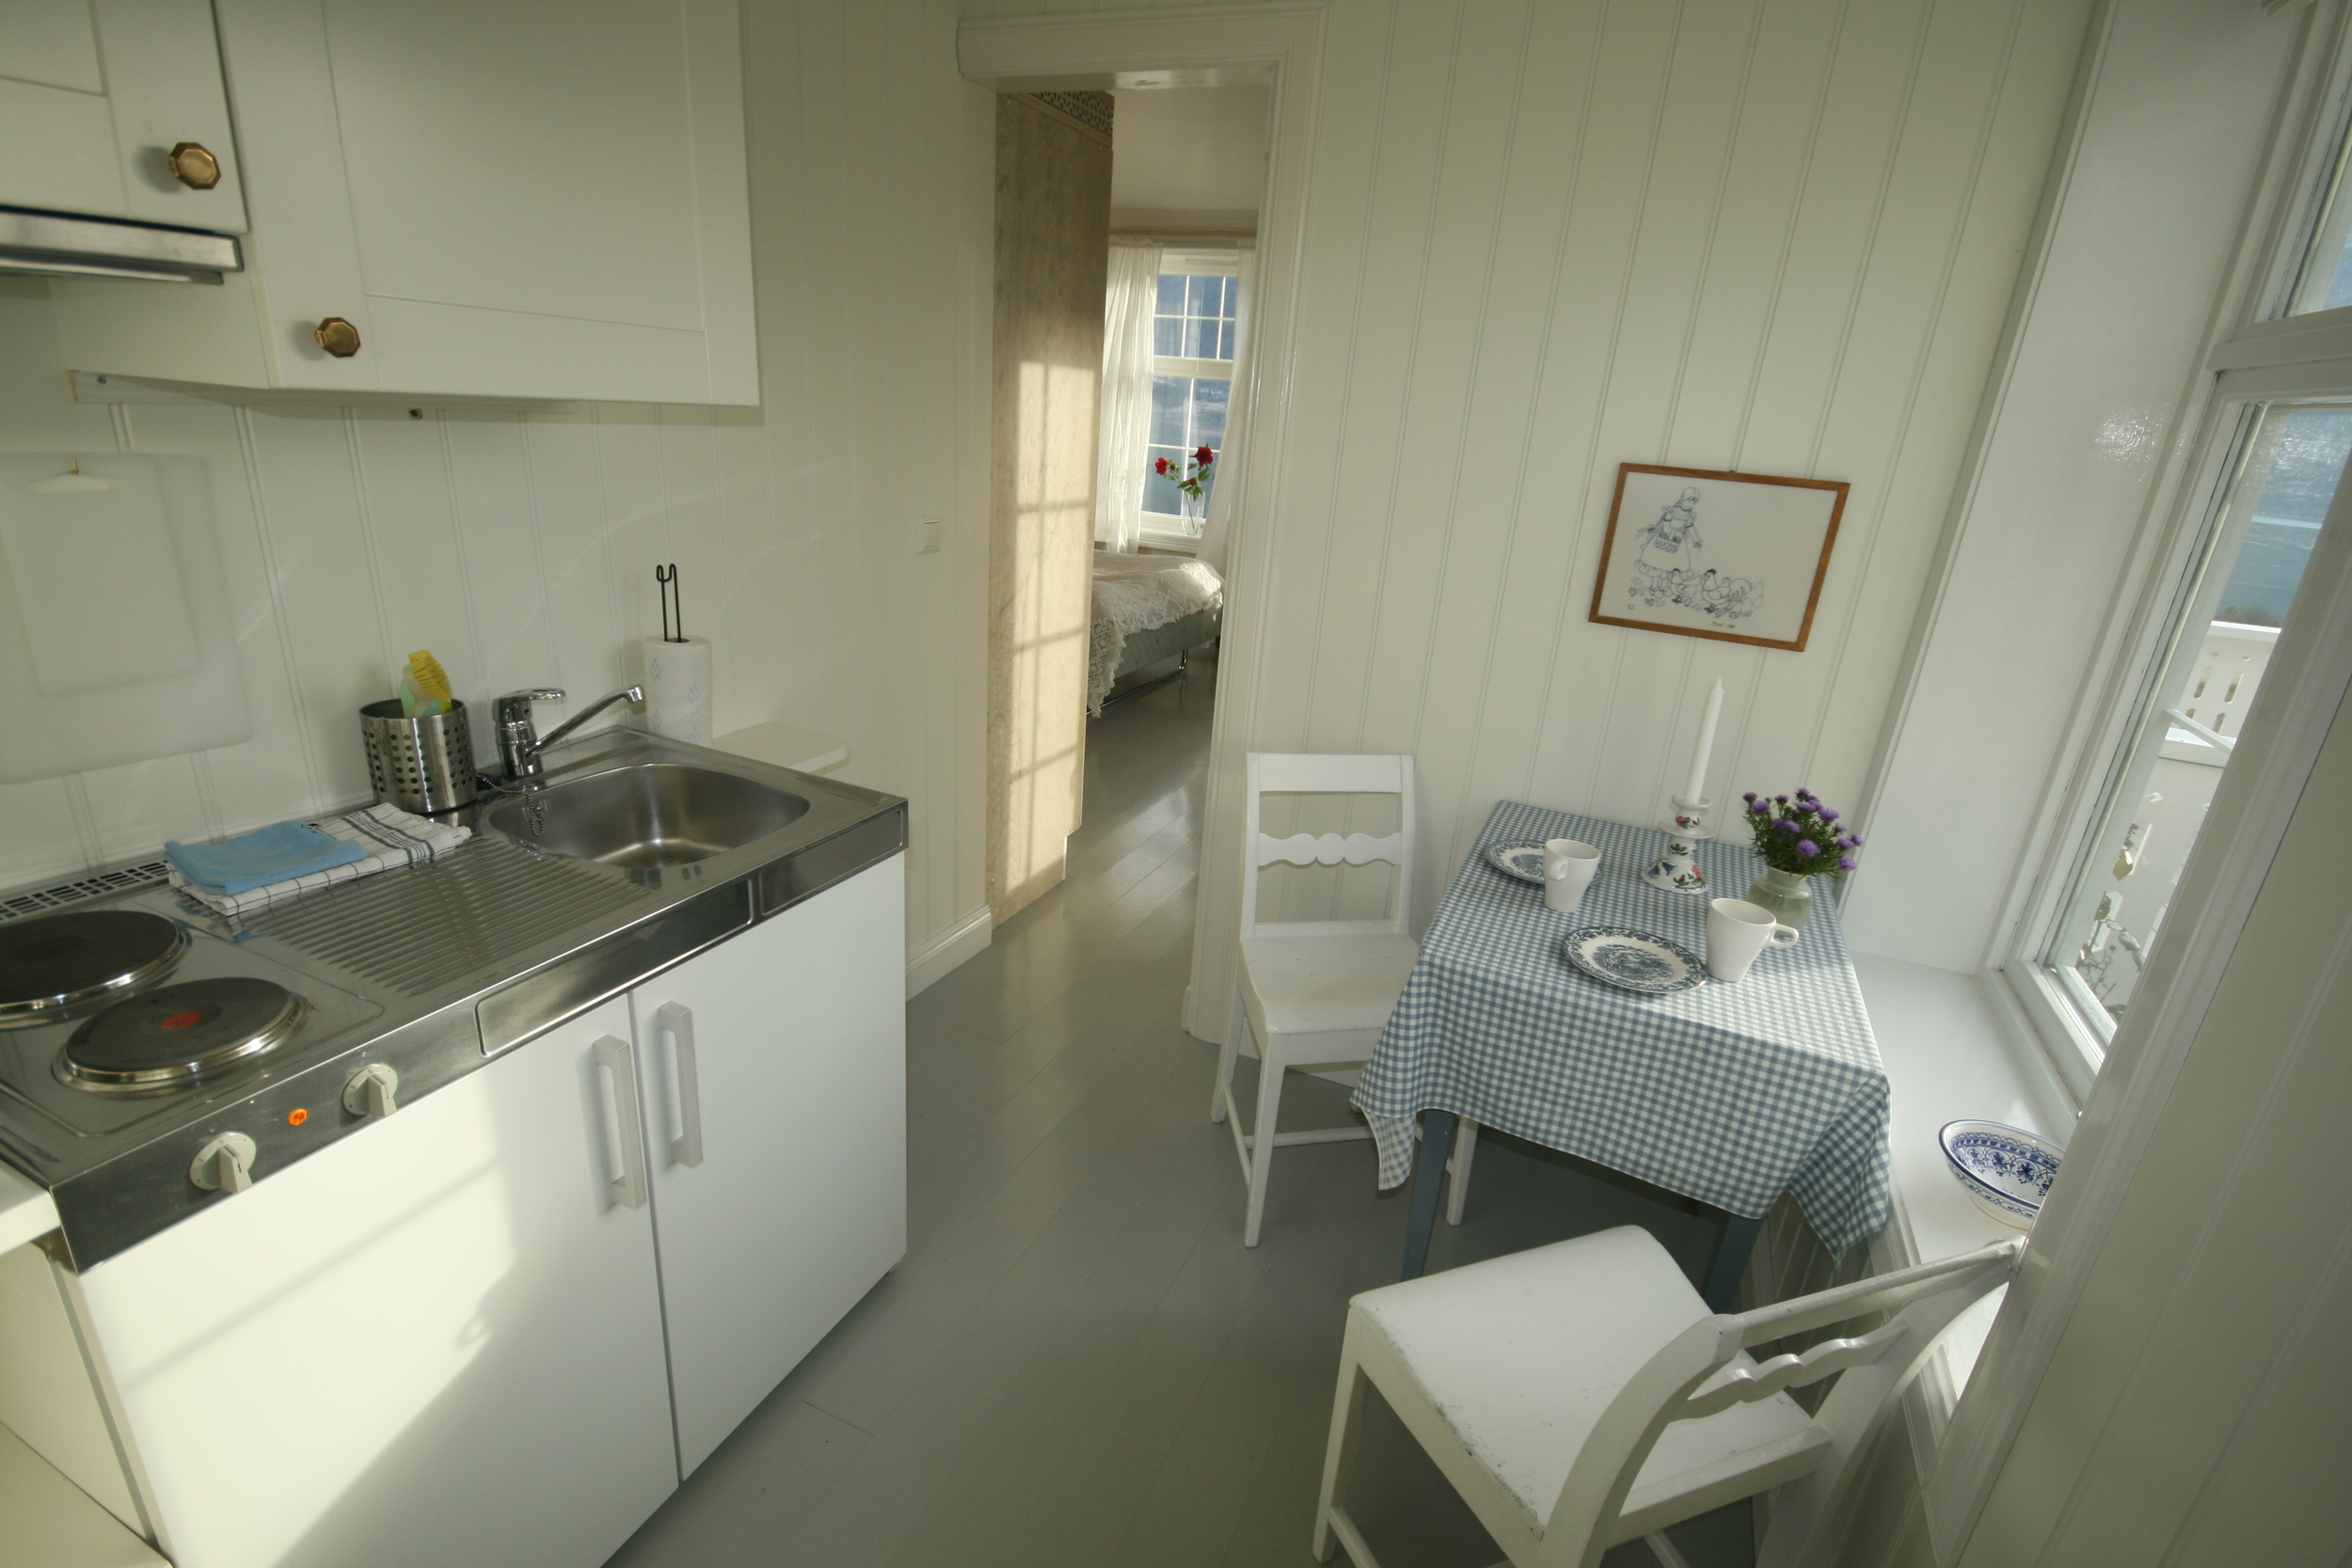 Annestova 5 Kitchen.jpg